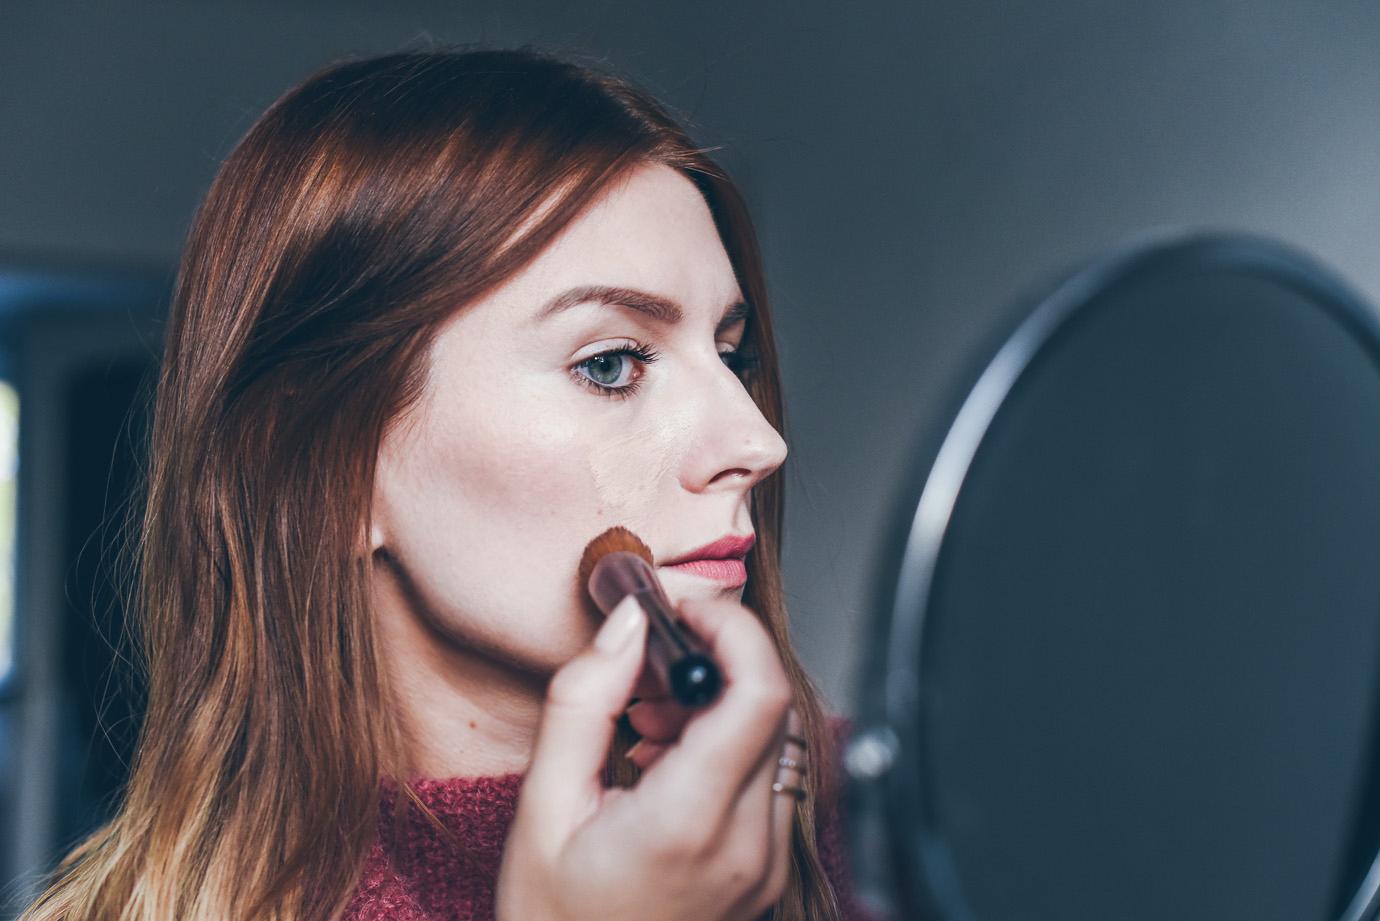 Shiseido_Make_Up_Finder_6